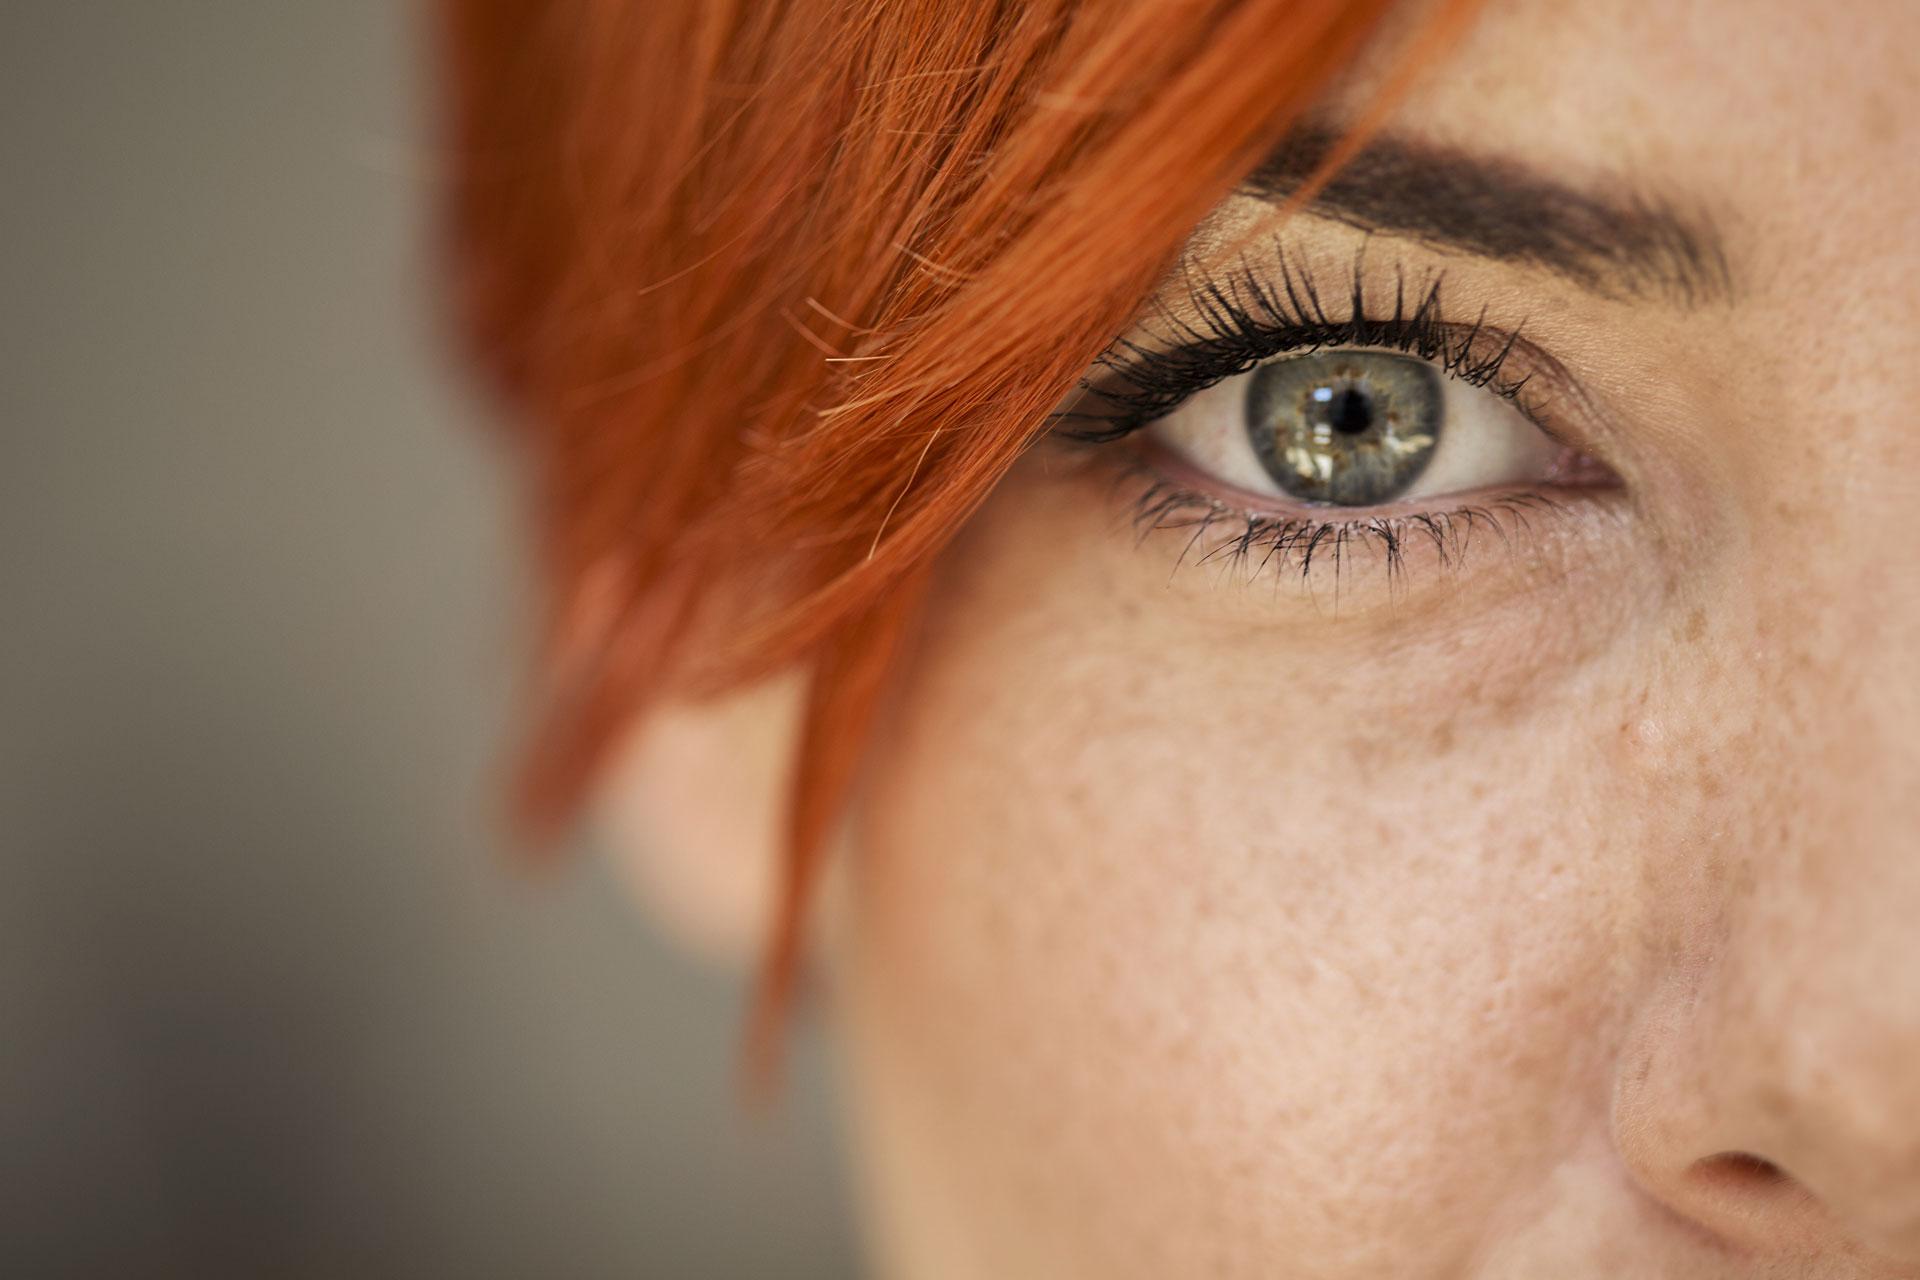 ha a látás egy szemre esik